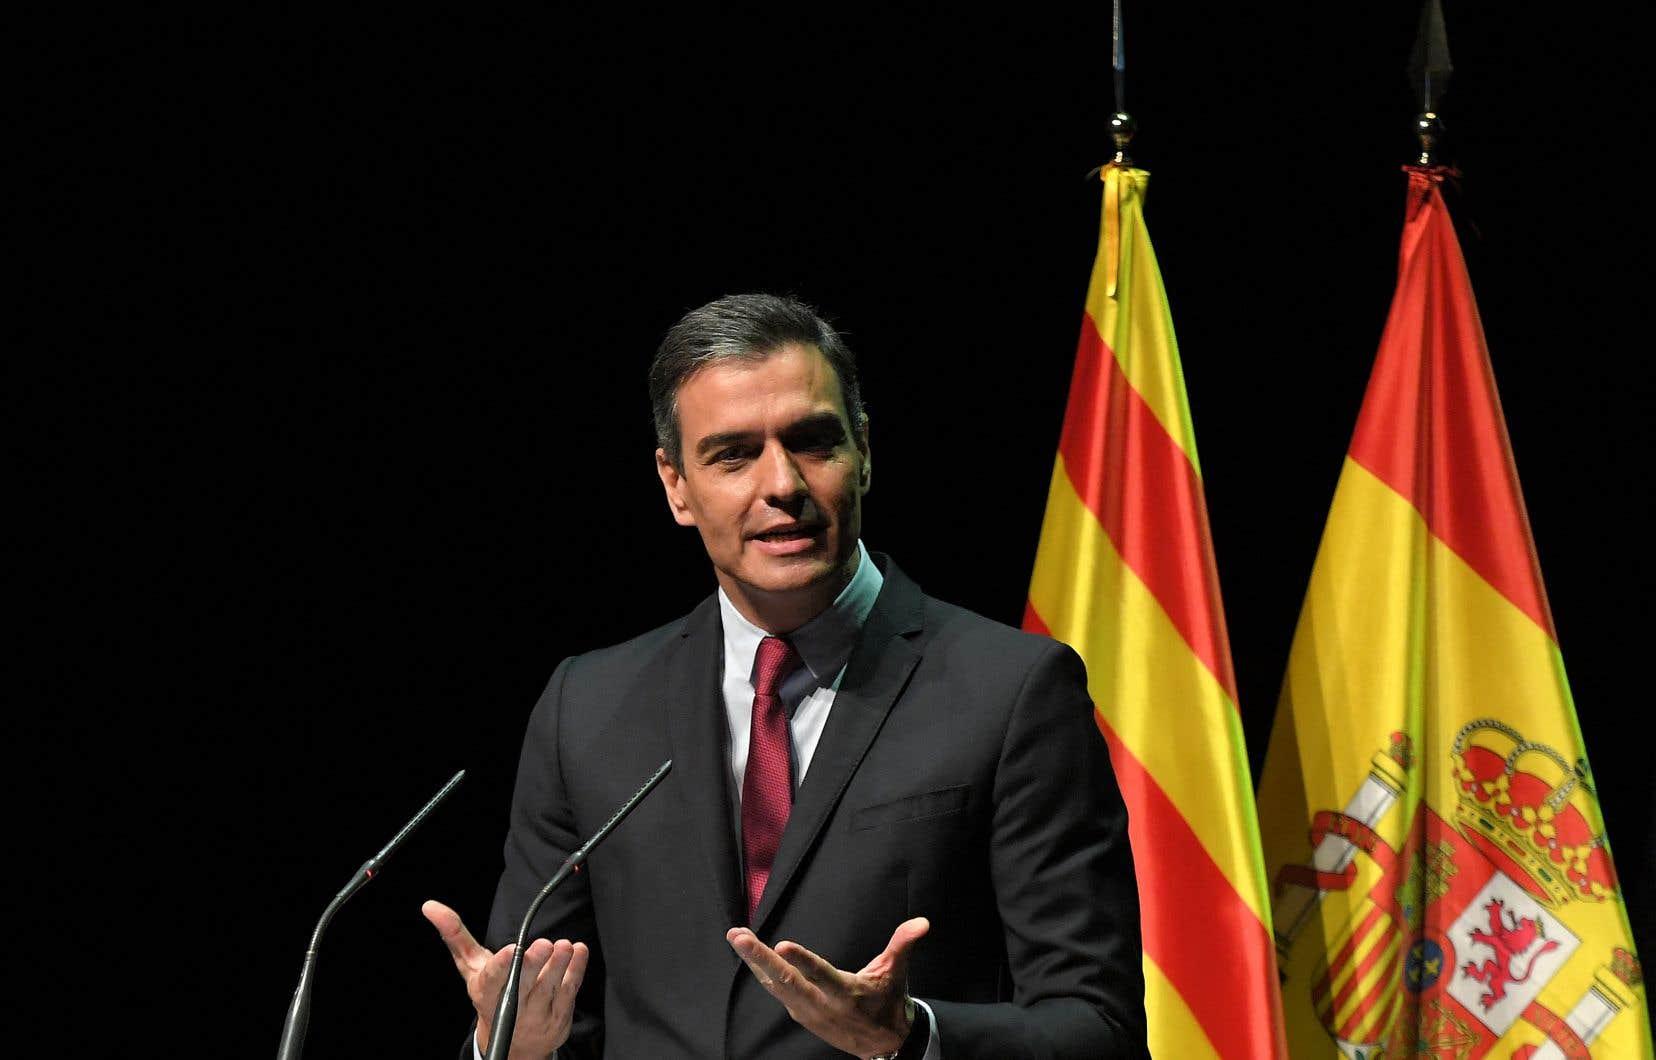 Le premier ministre espagnol, Pedro Sánchez, a annoncé lundi que les neuf indépendantistes catalans condamnés à la prison pour la tentative de sécession de 2017 seront graciés.